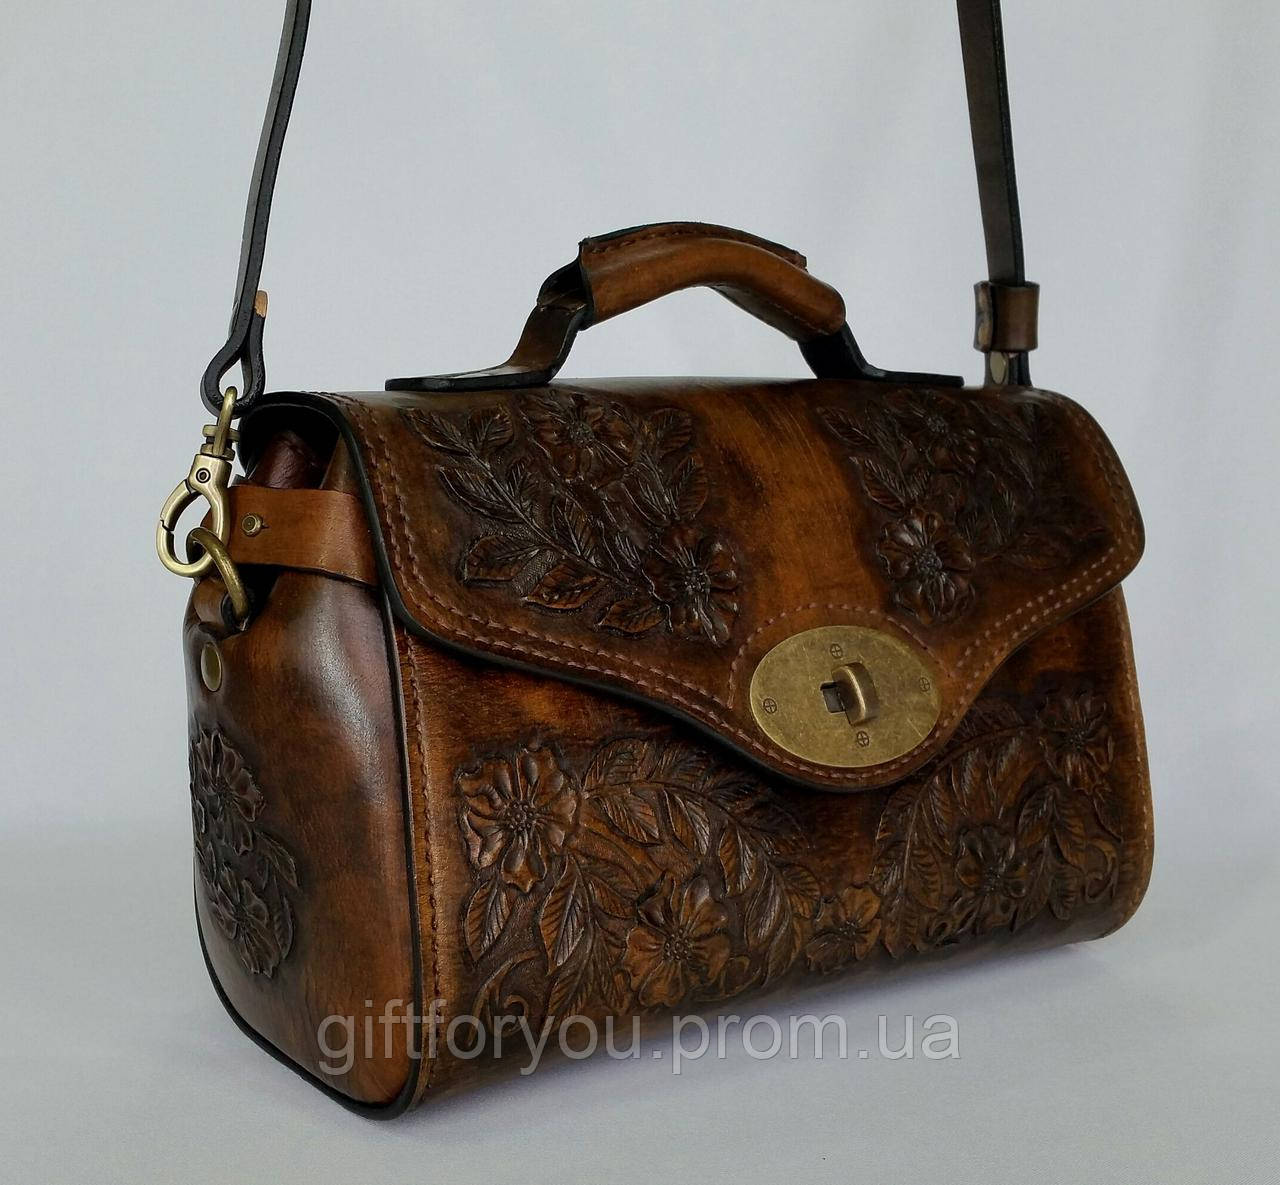 12421fad544d Женская сумка ручной работы 25х18см - Интернет-магазин